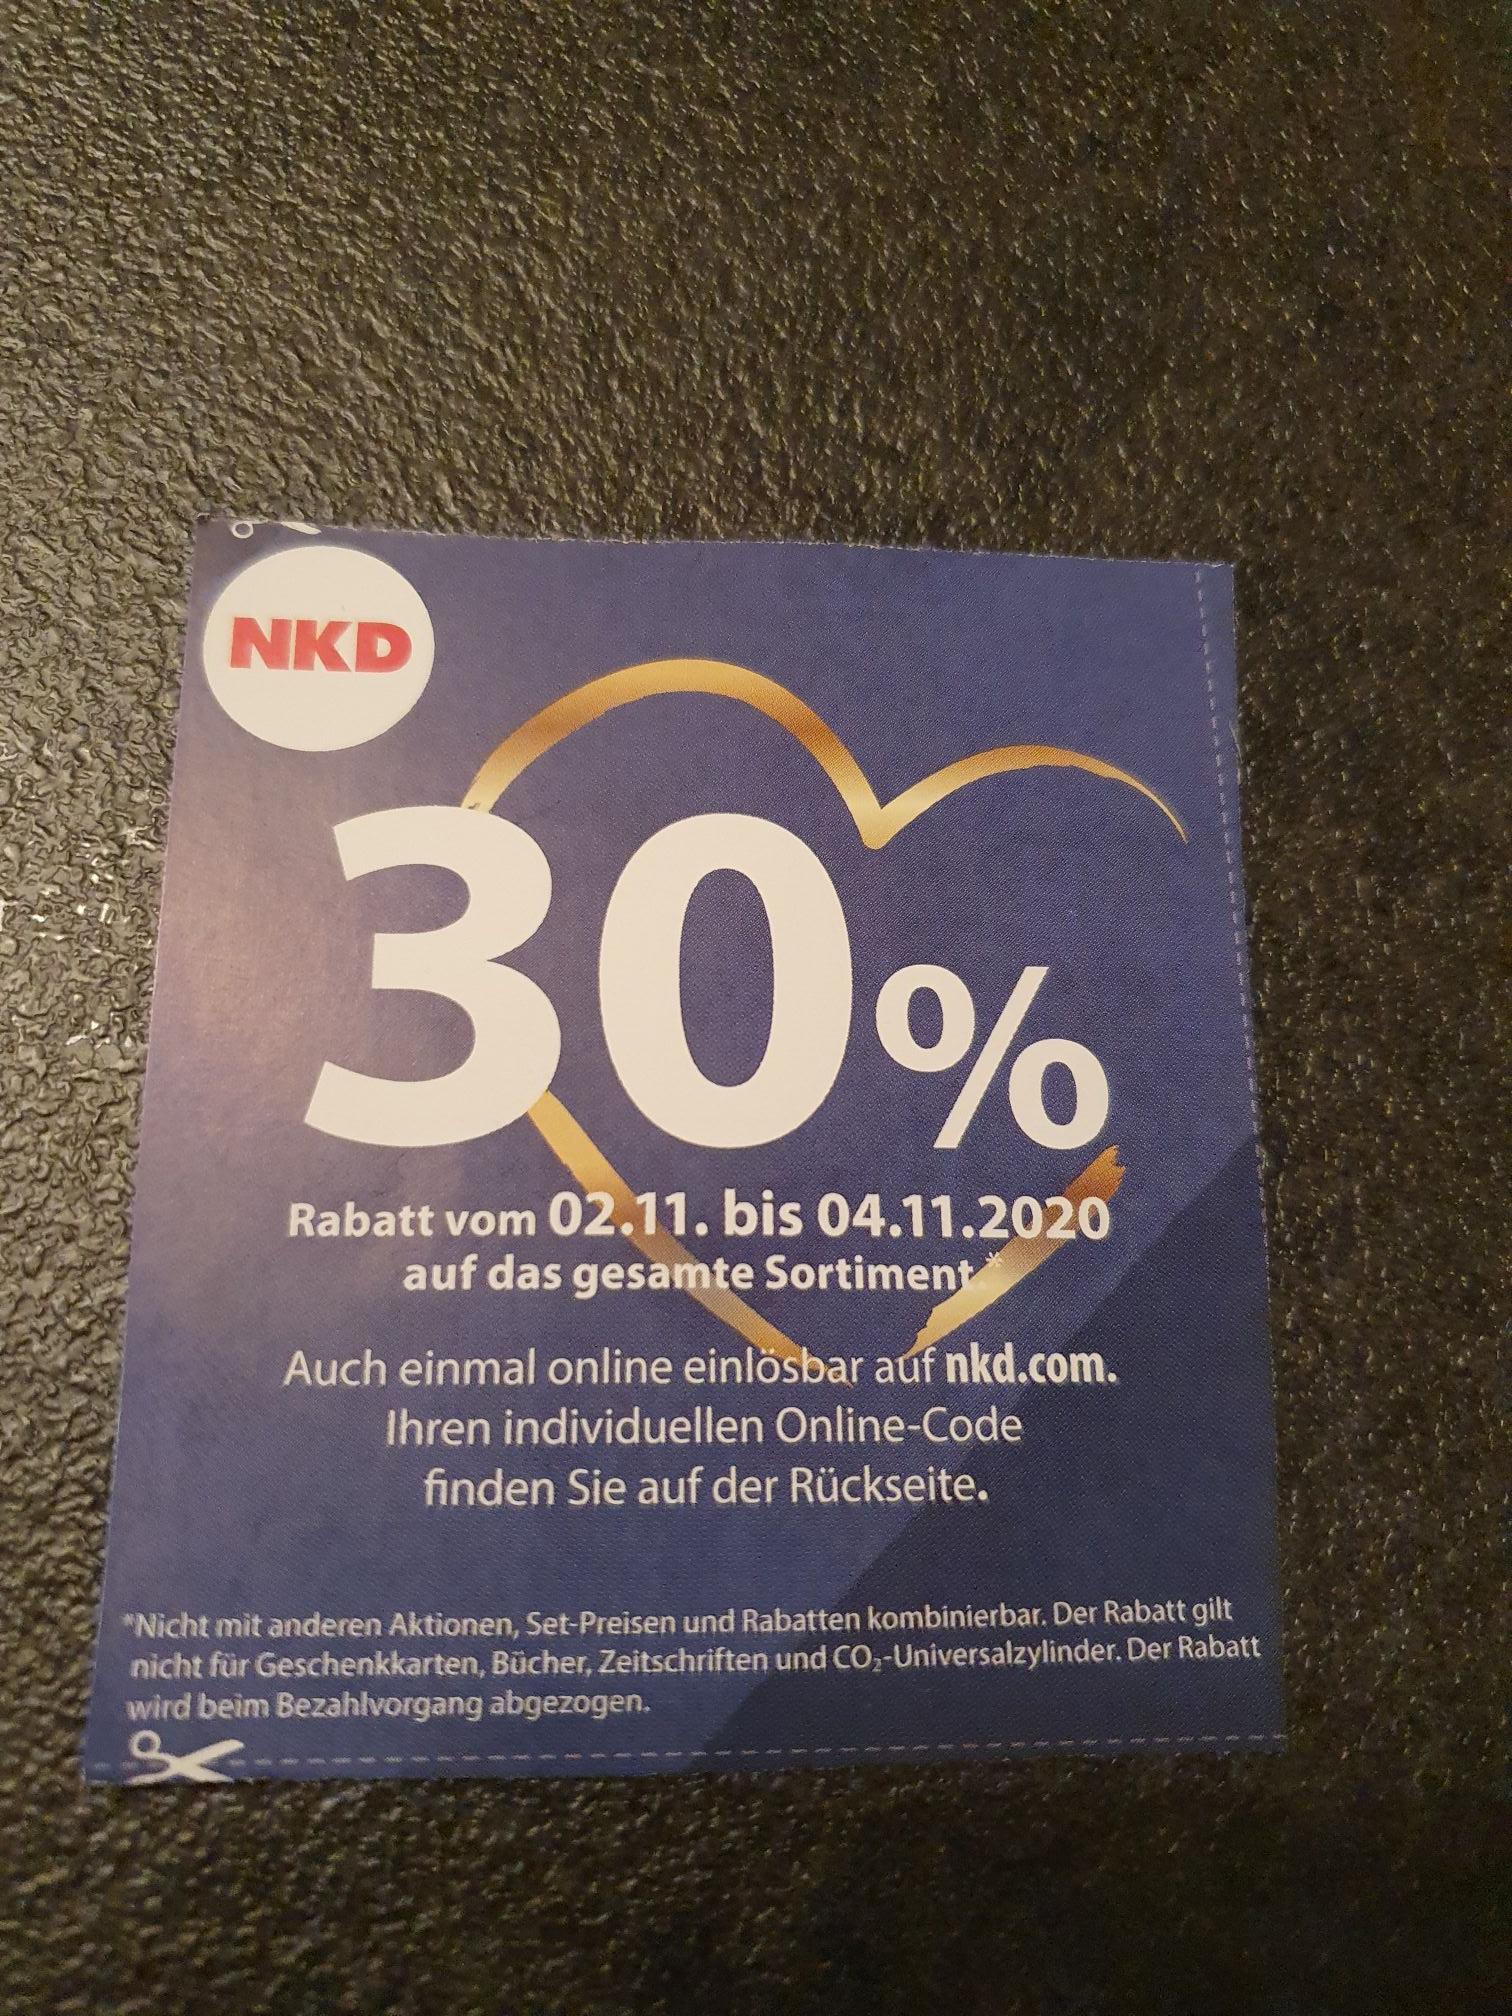 NKD -30% Online Gutschein vom 02.11- 04.11 2020